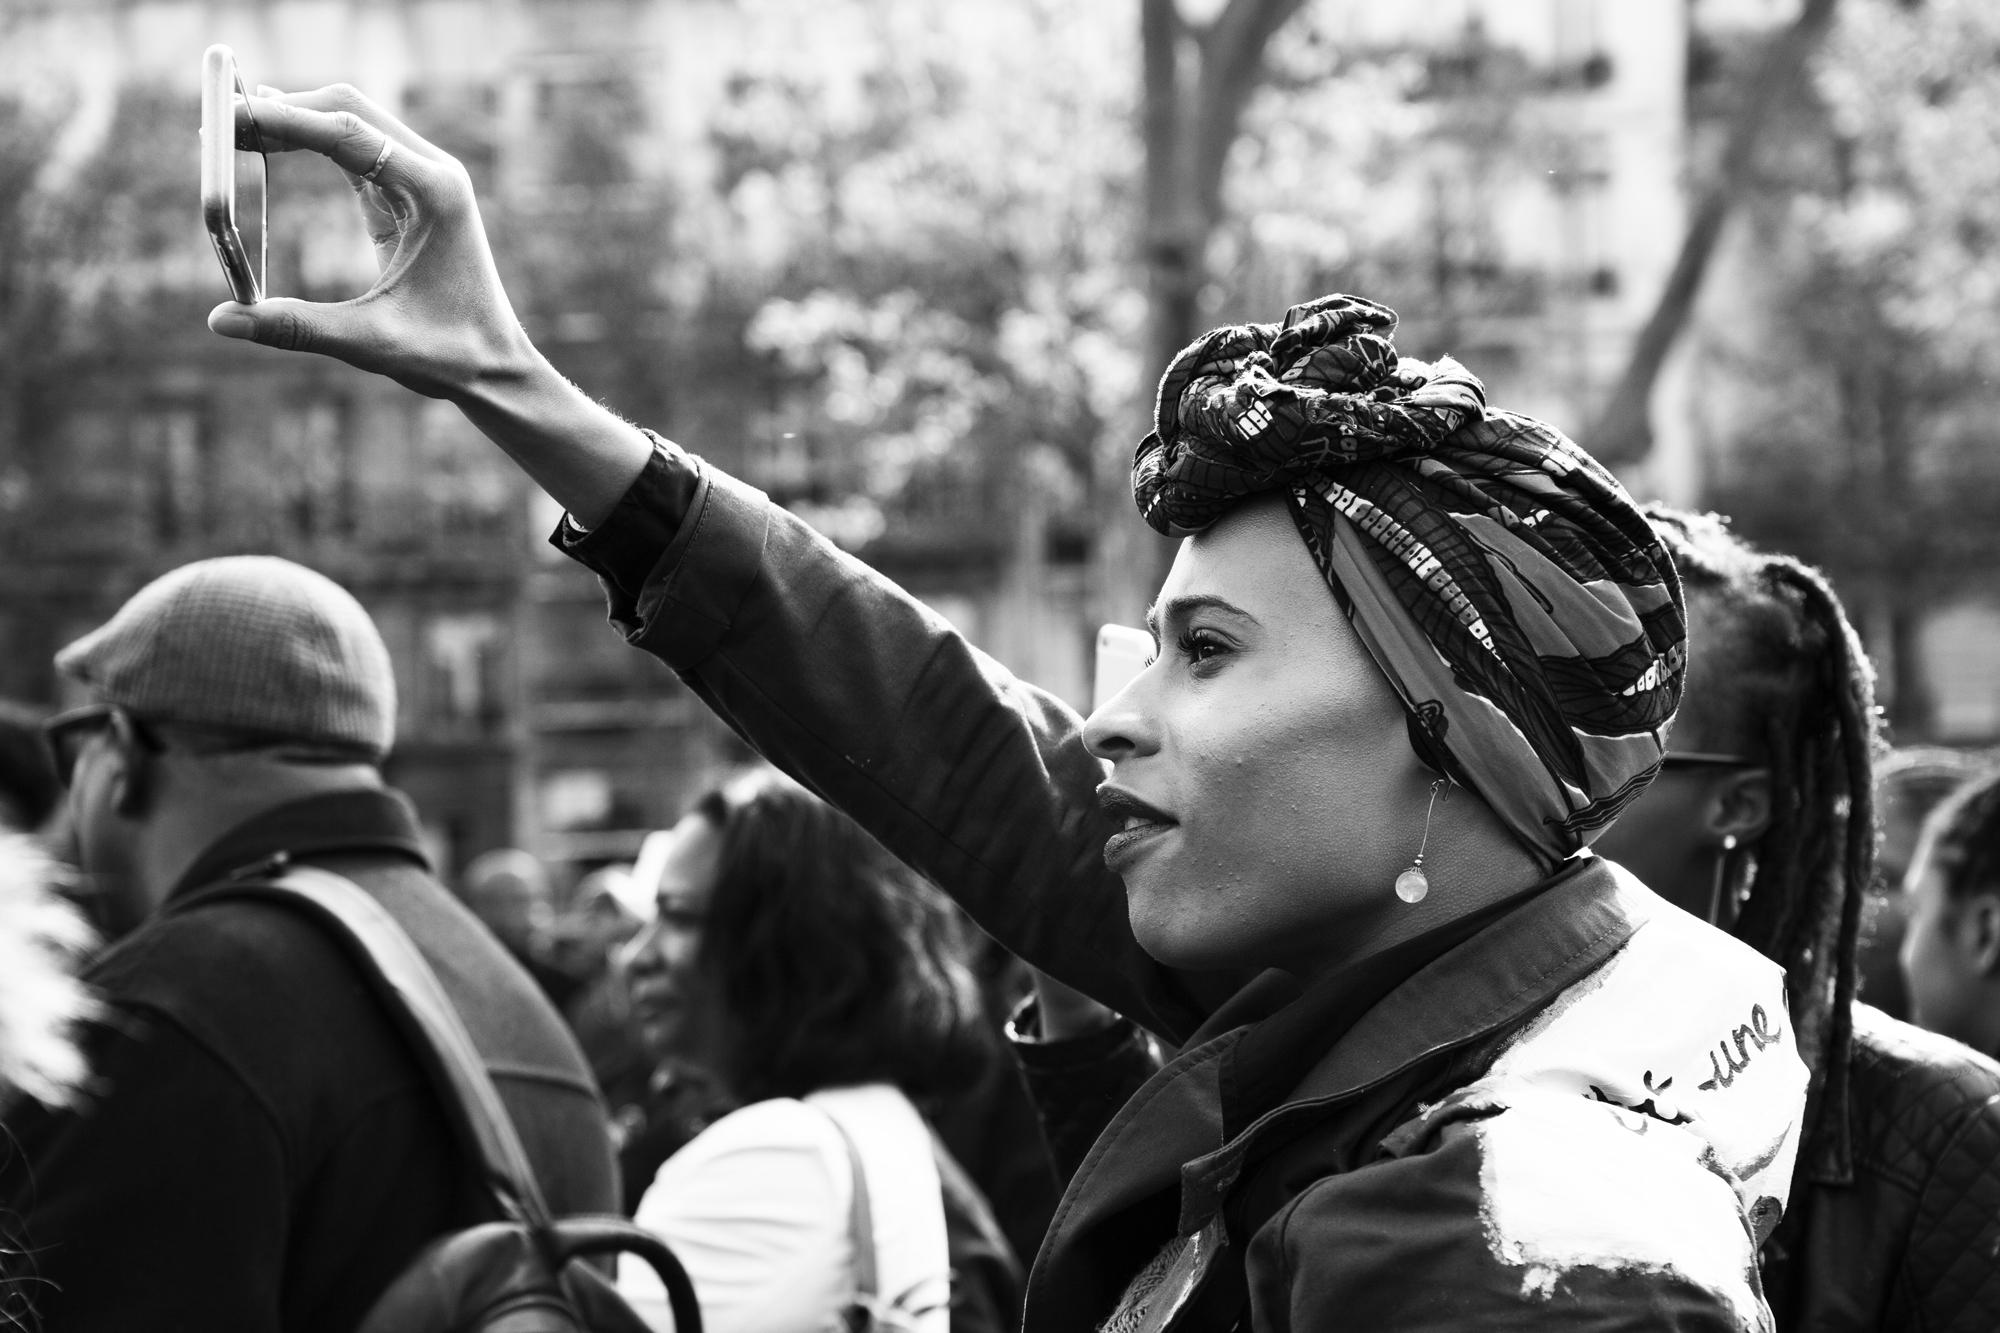 """""""Power of the street"""" - Place de la République, Paris (2017).© Clémence Rougetet"""